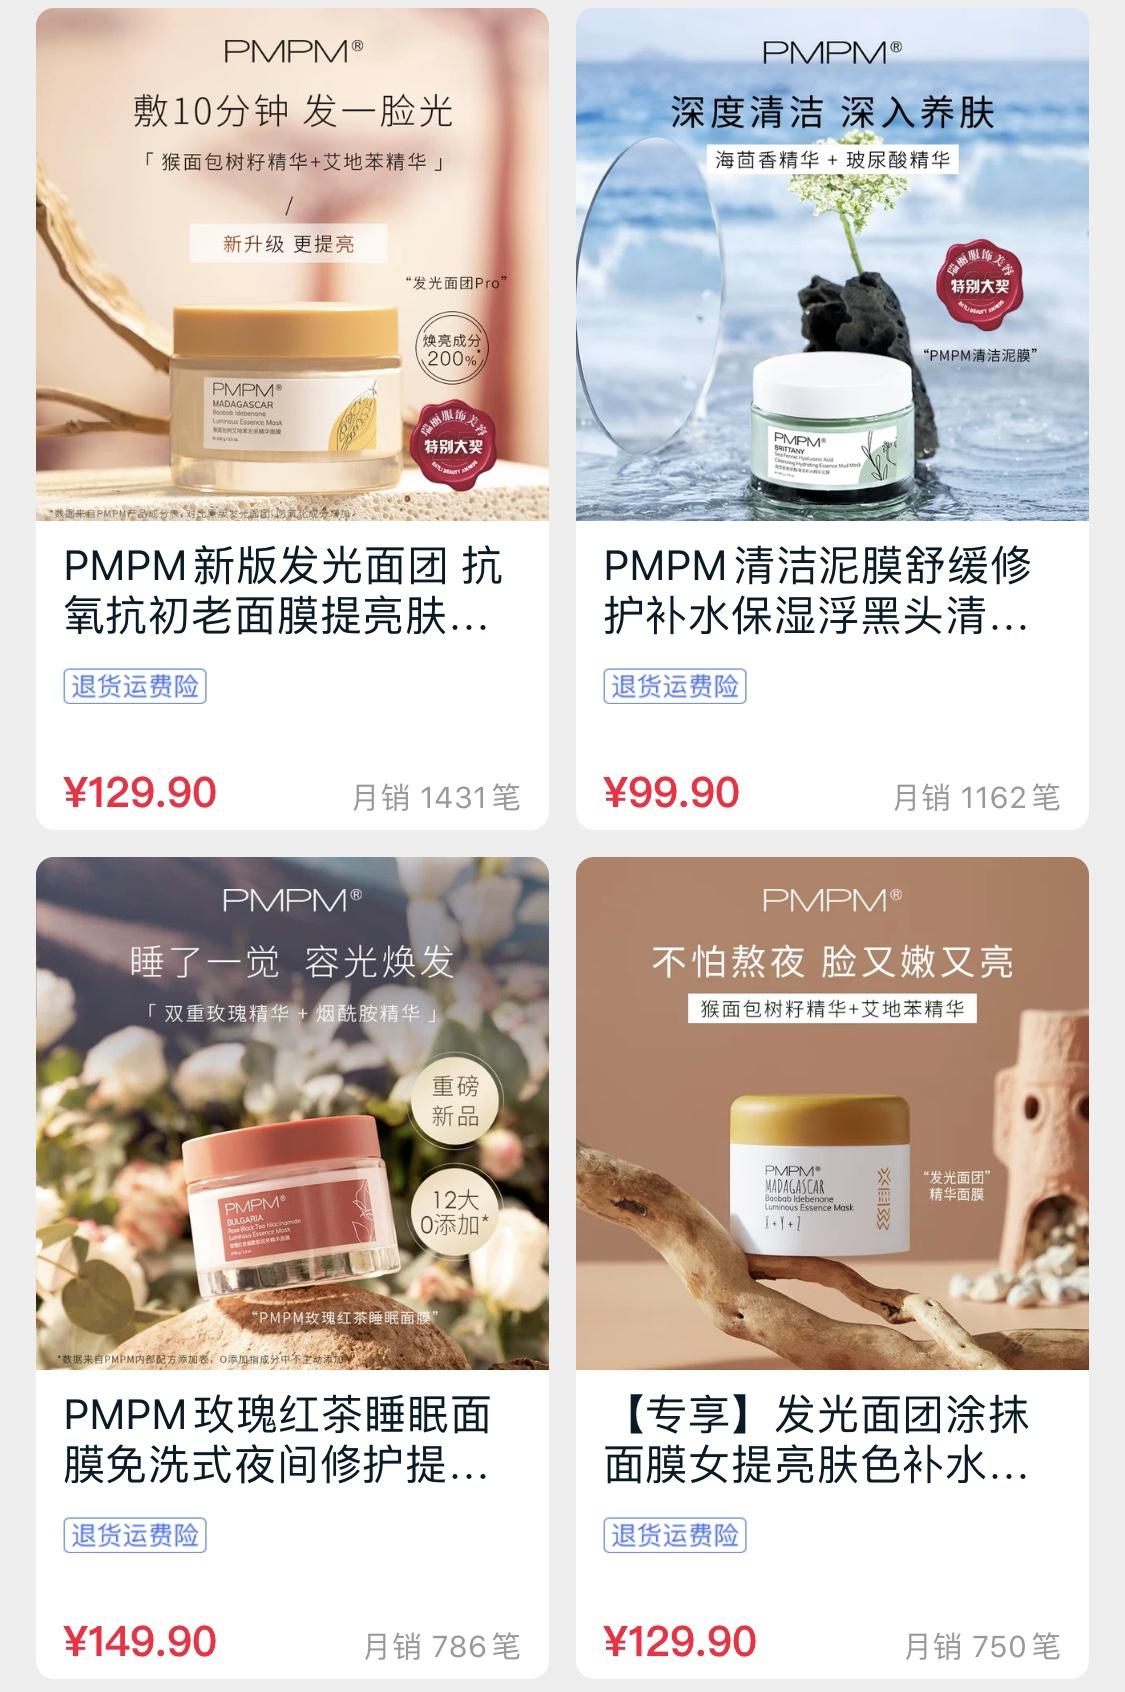 获数千万元pre-A及pre-A+轮融资,新锐国货护肤品牌PMPM成立将满一年